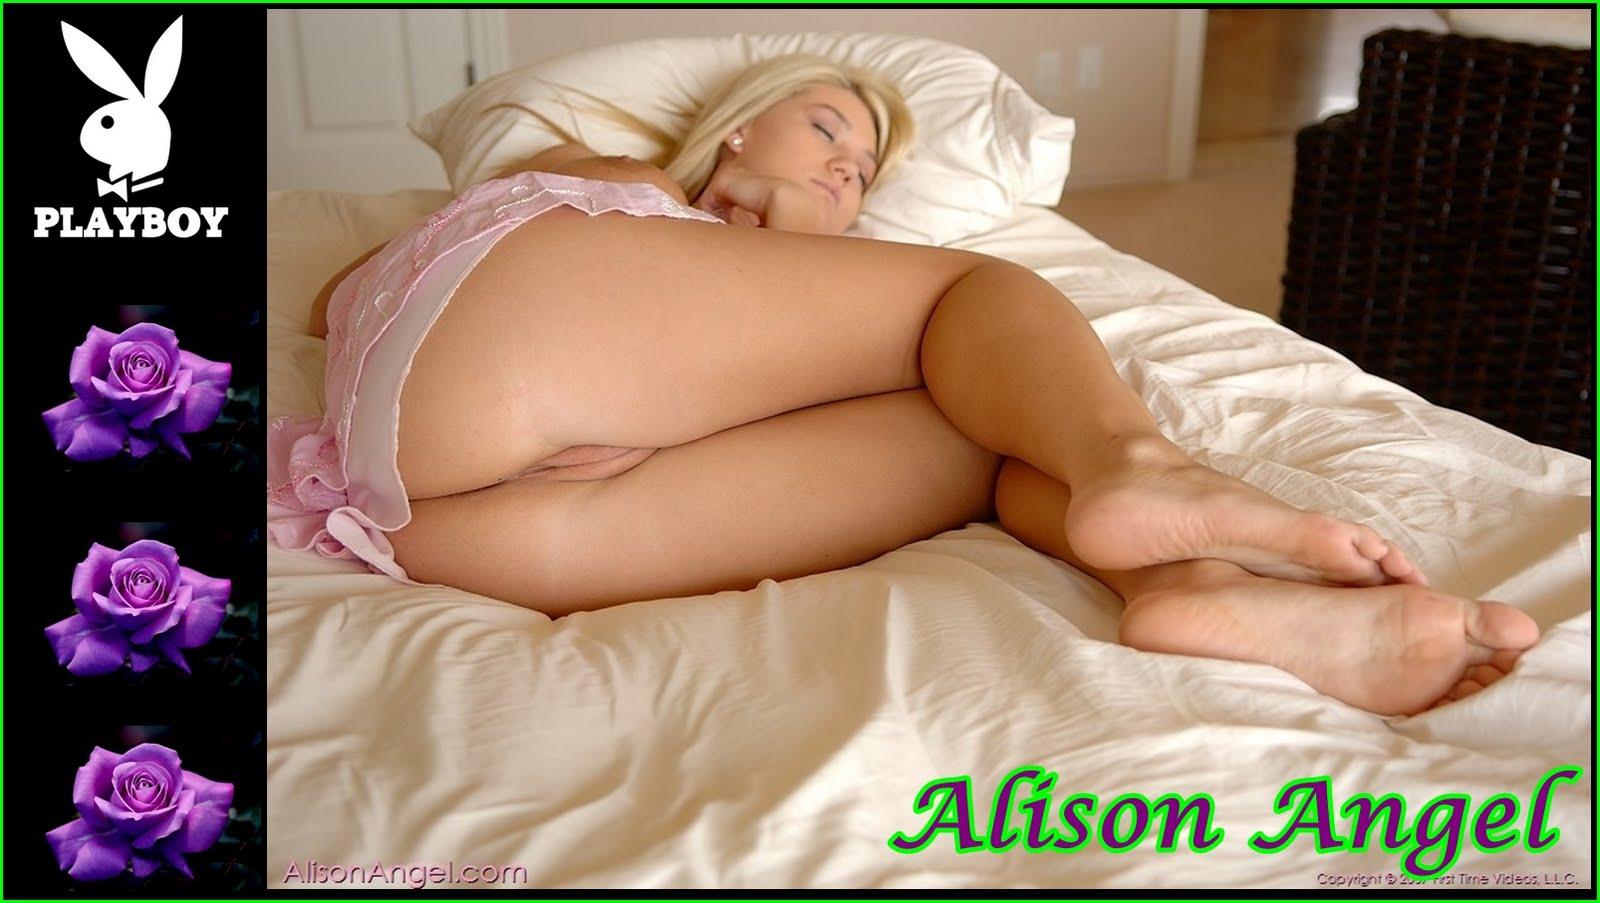 http://4.bp.blogspot.com/-fFw11ITyFqU/TxC-ENA9ZfI/AAAAAAAAA4w/C8ZzcRTpC3Q/s1600/jpg%2B1600%2Bjcfxxdcb-796150.jpg